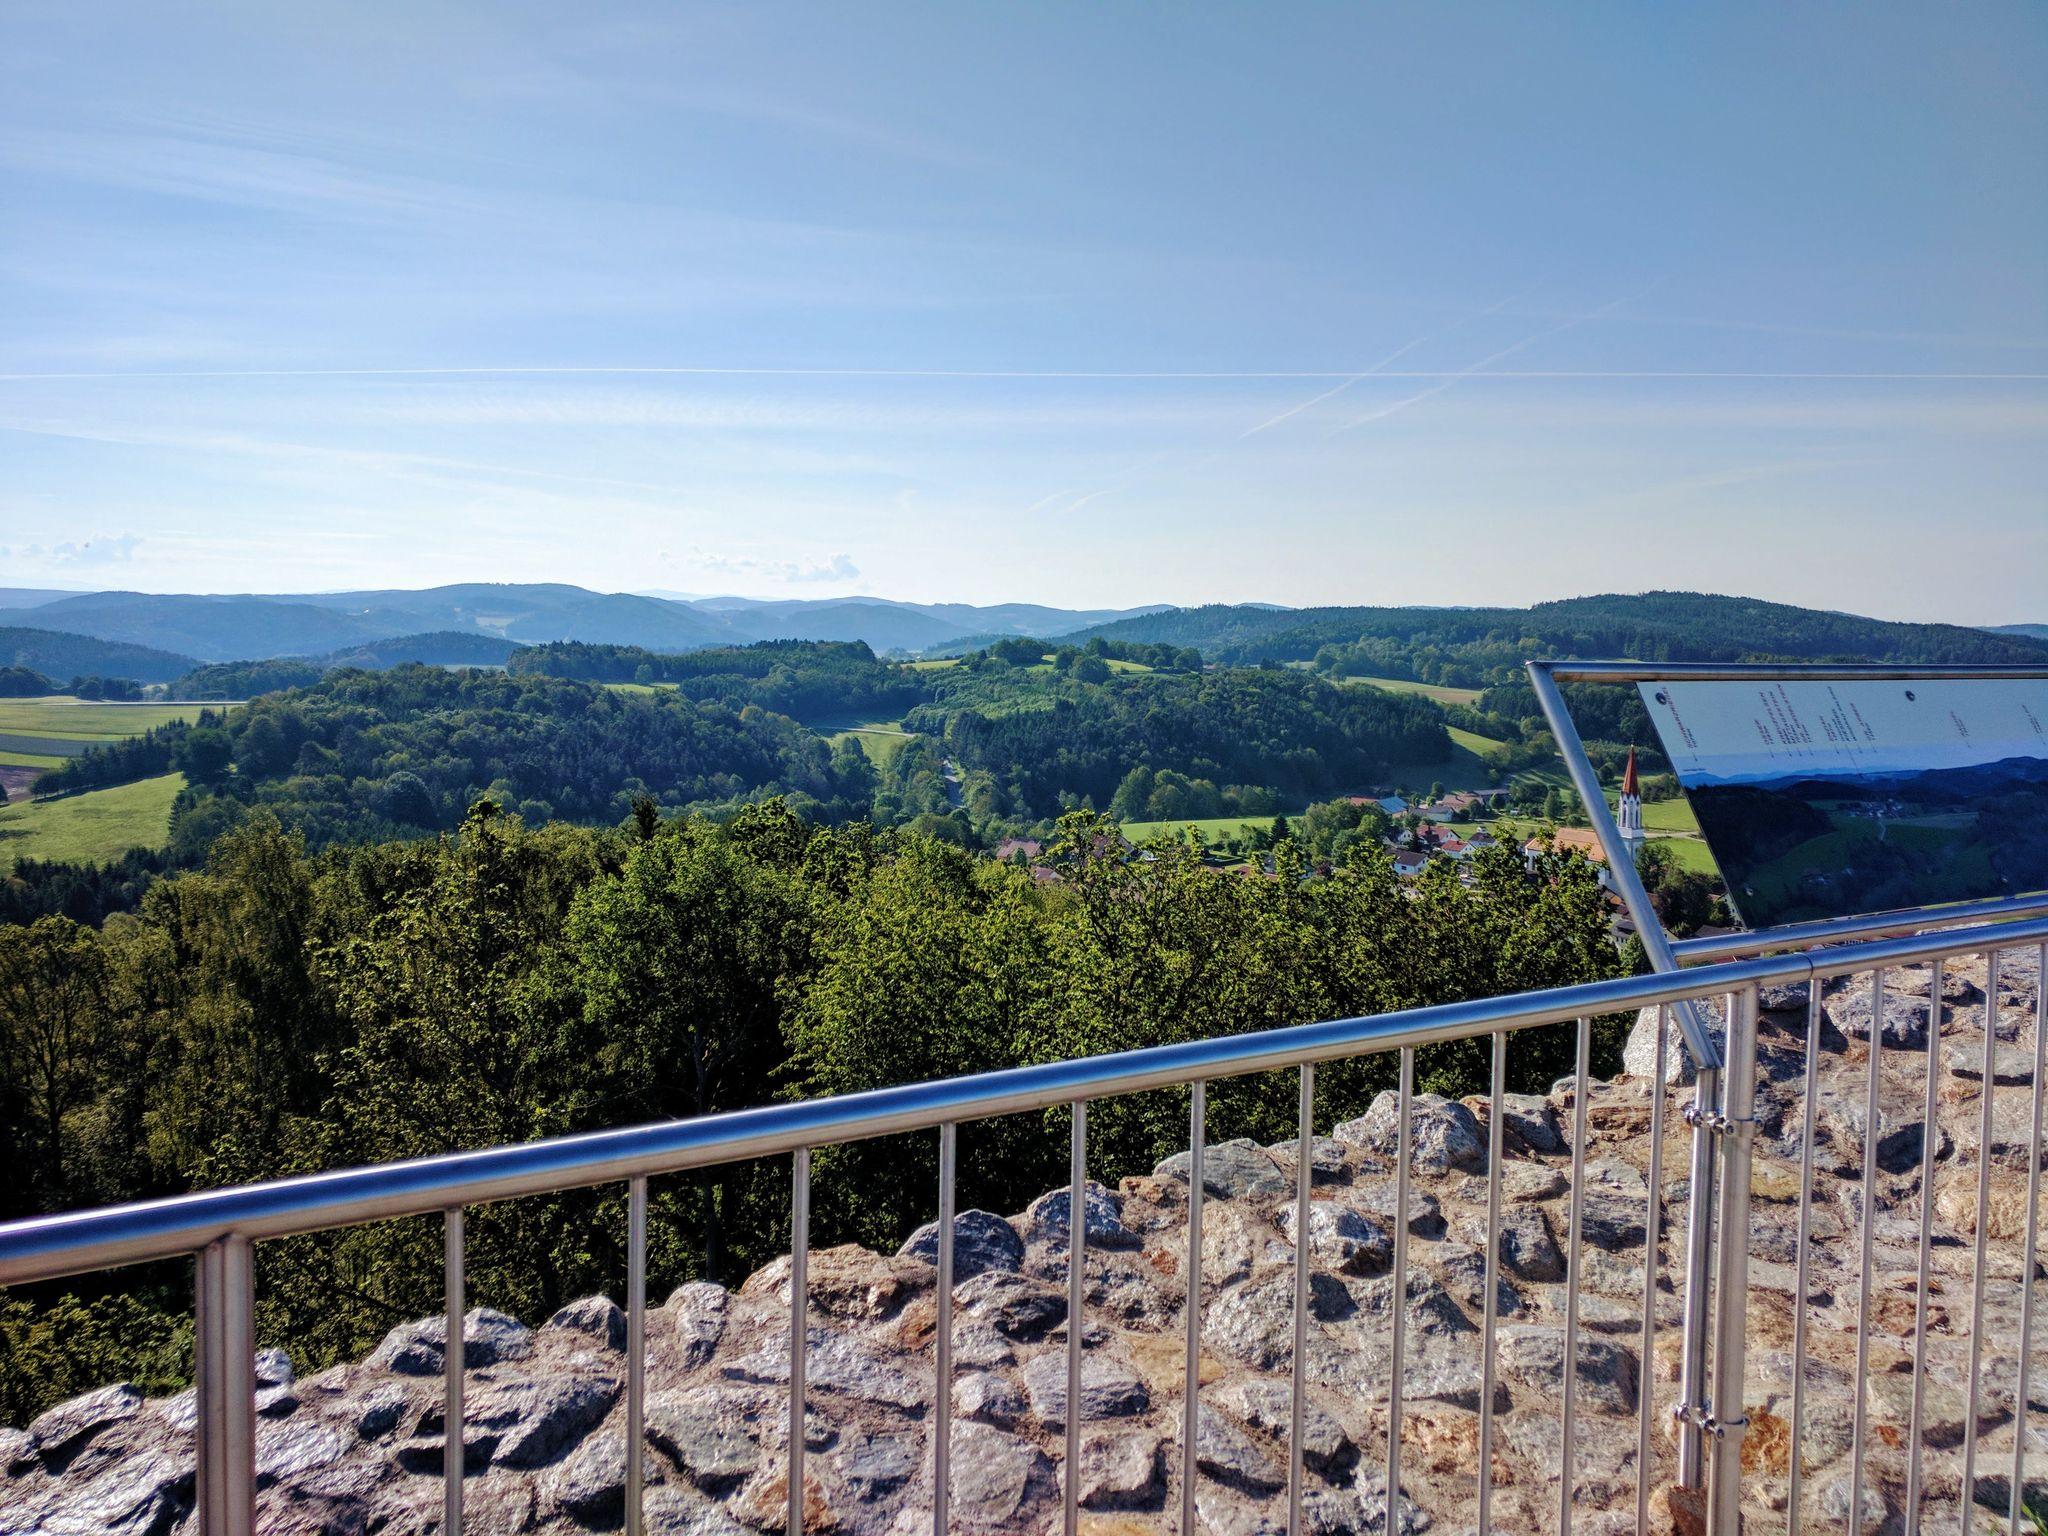 Blick auf den Bayerischen Wald von der Burgruine Lobenstein bei Zell